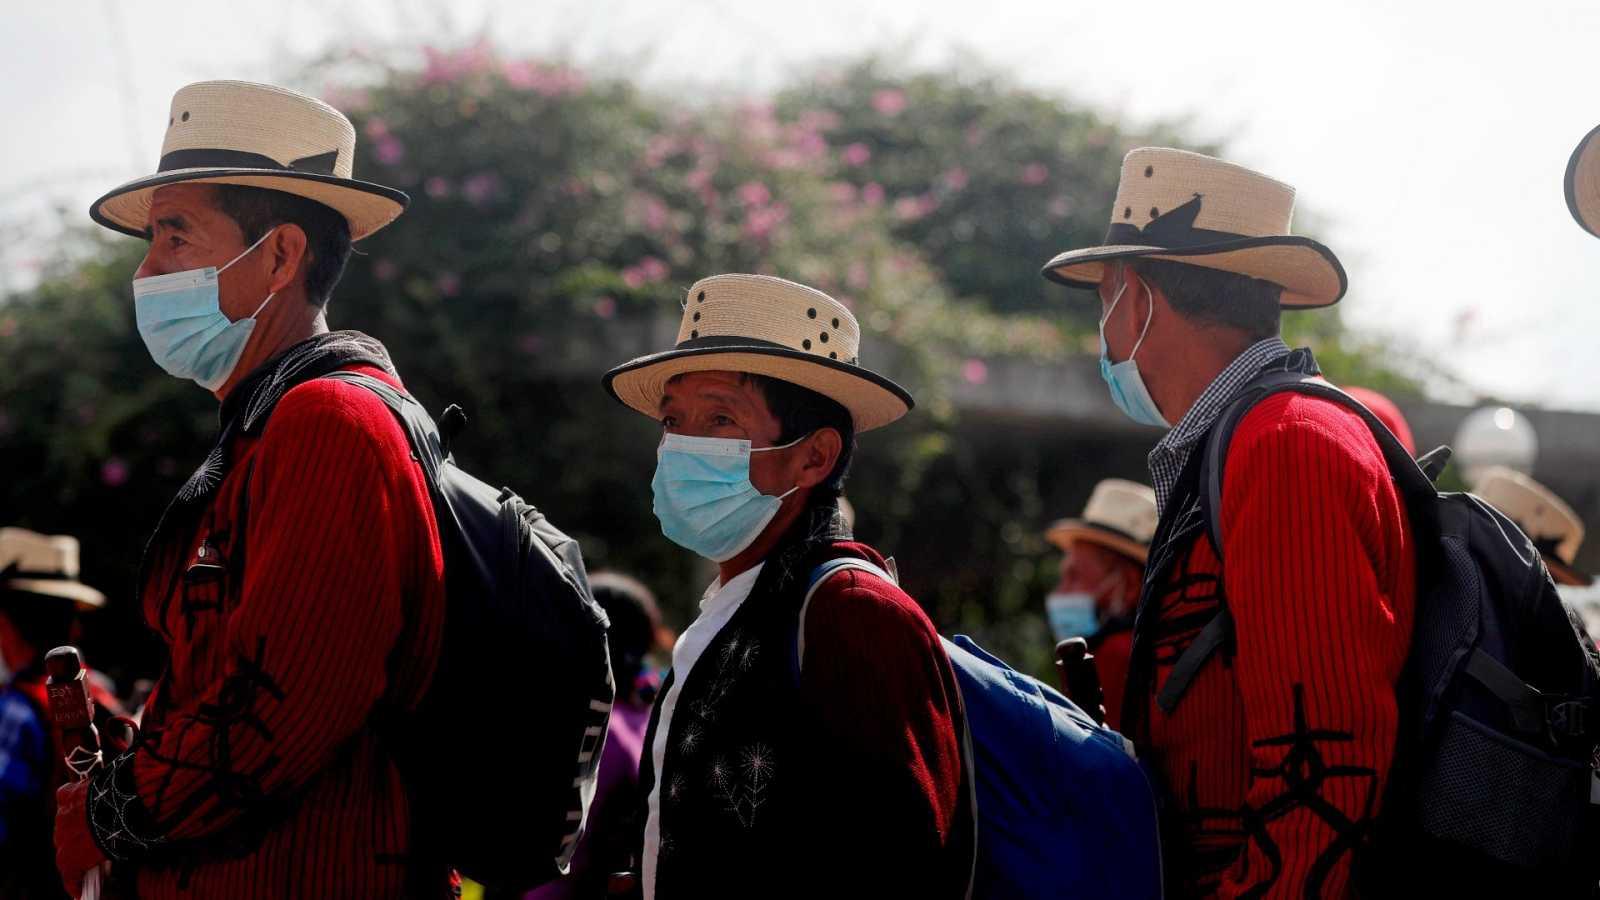 Cientos de guatemaltecos, principalmente indígenas, campesinos y activistas, marcharon este martes en las principales avenidas de la Ciudad de Guatemala para protestar en contra del racismo y por la dignidad indígena, negra y popular.